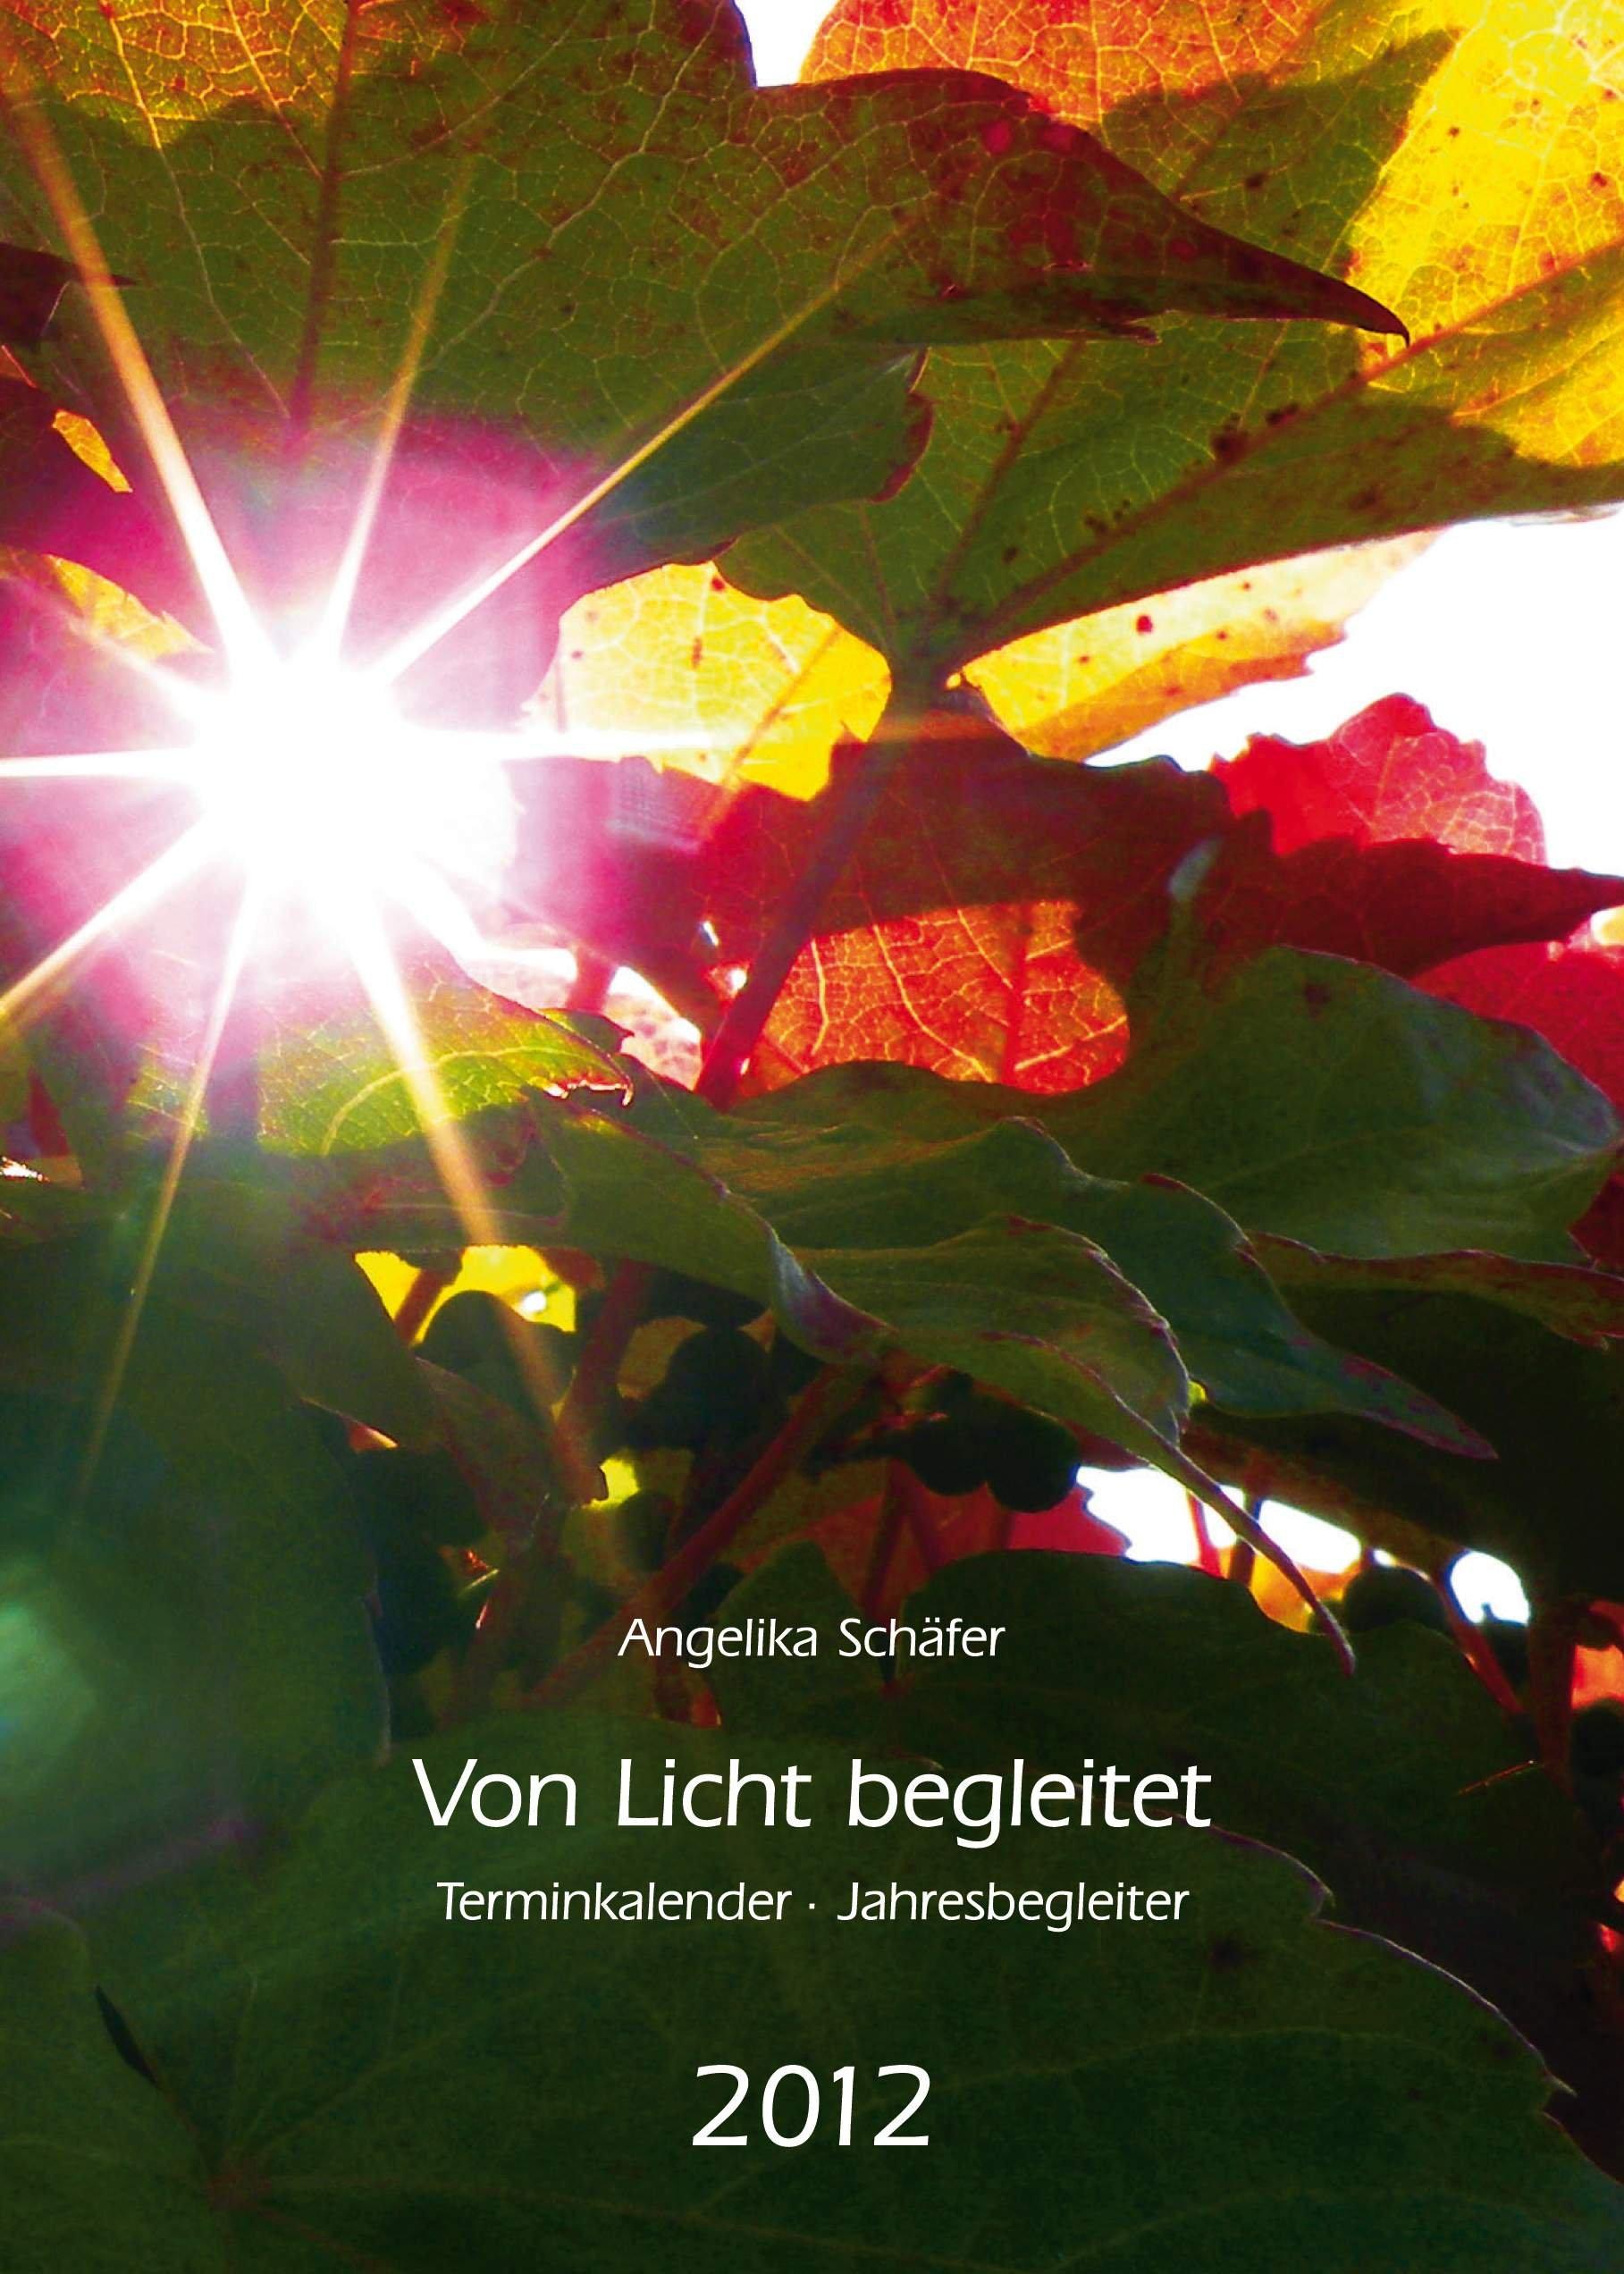 Von Licht begleitet - Terminkalender, Jahresbegleiter 2012